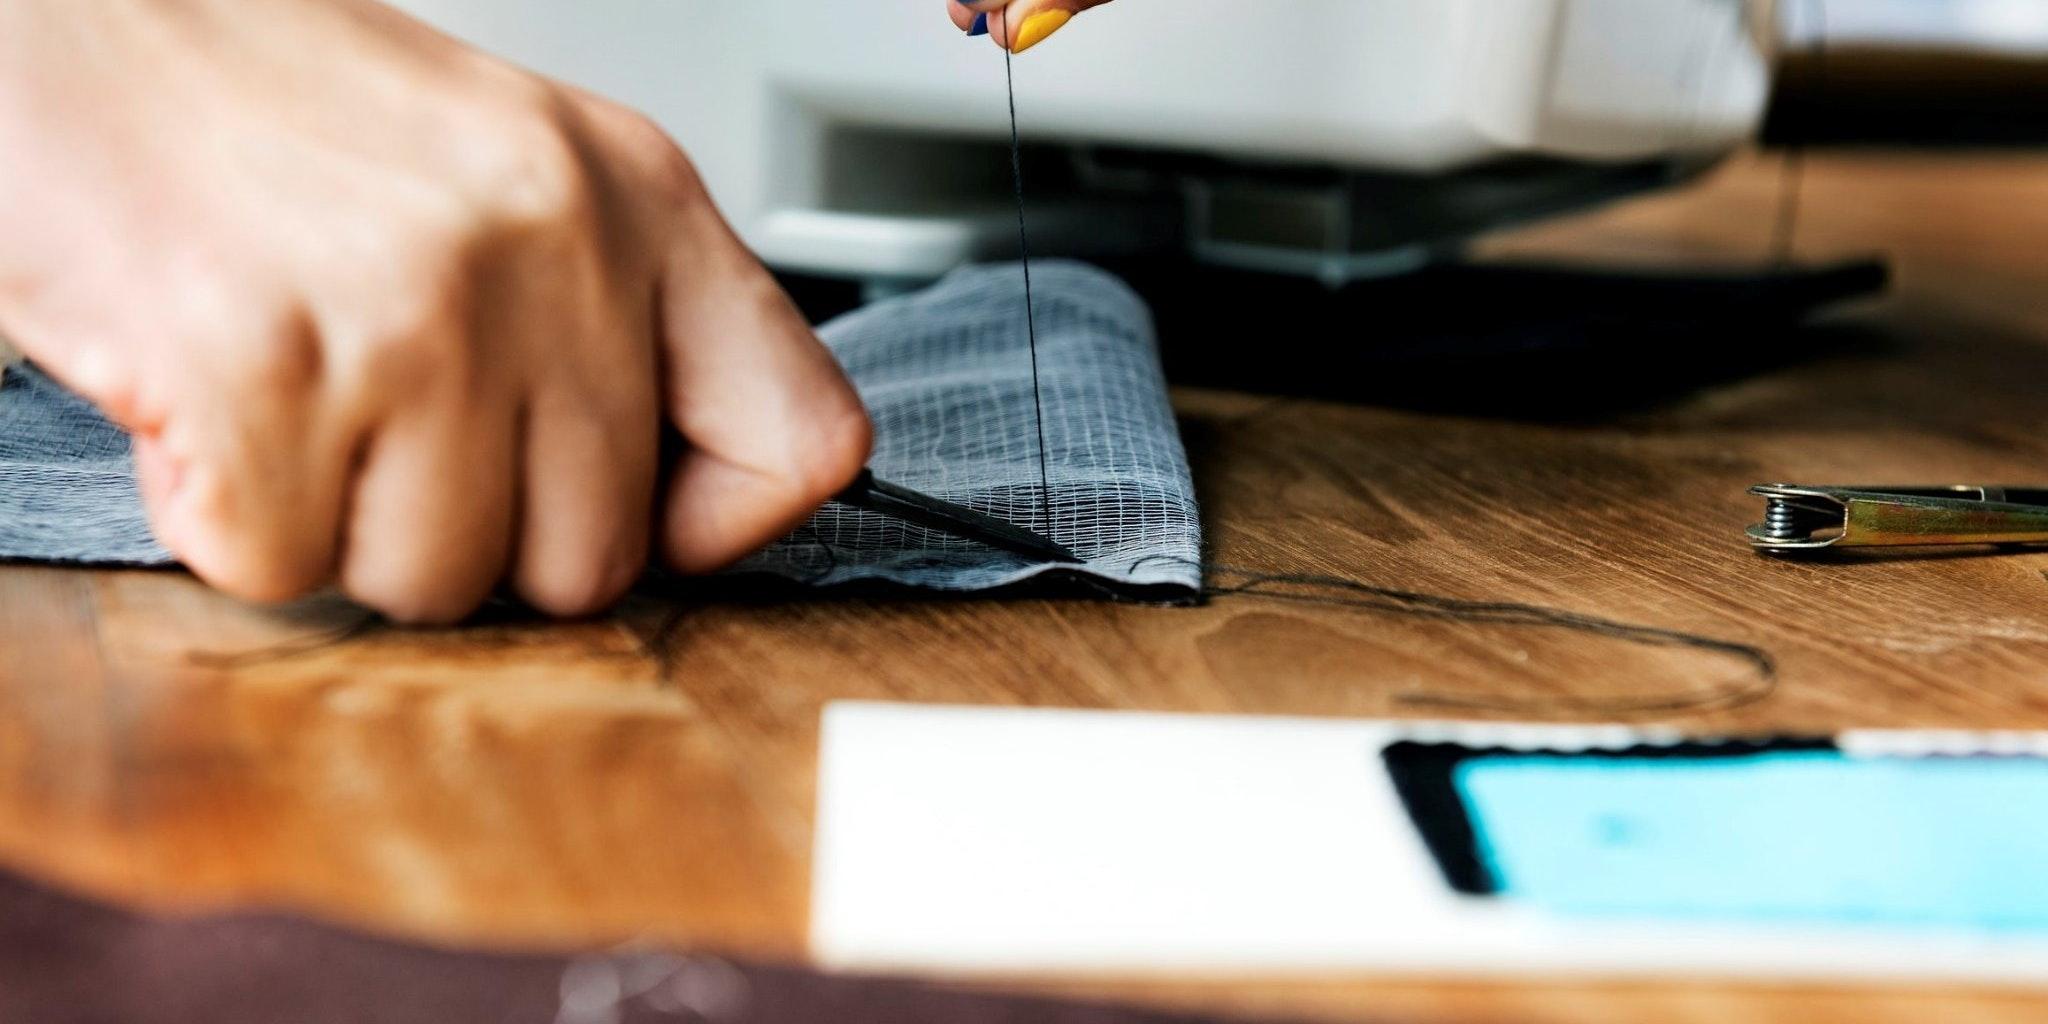 Elenvilla Alterations & Tailoring